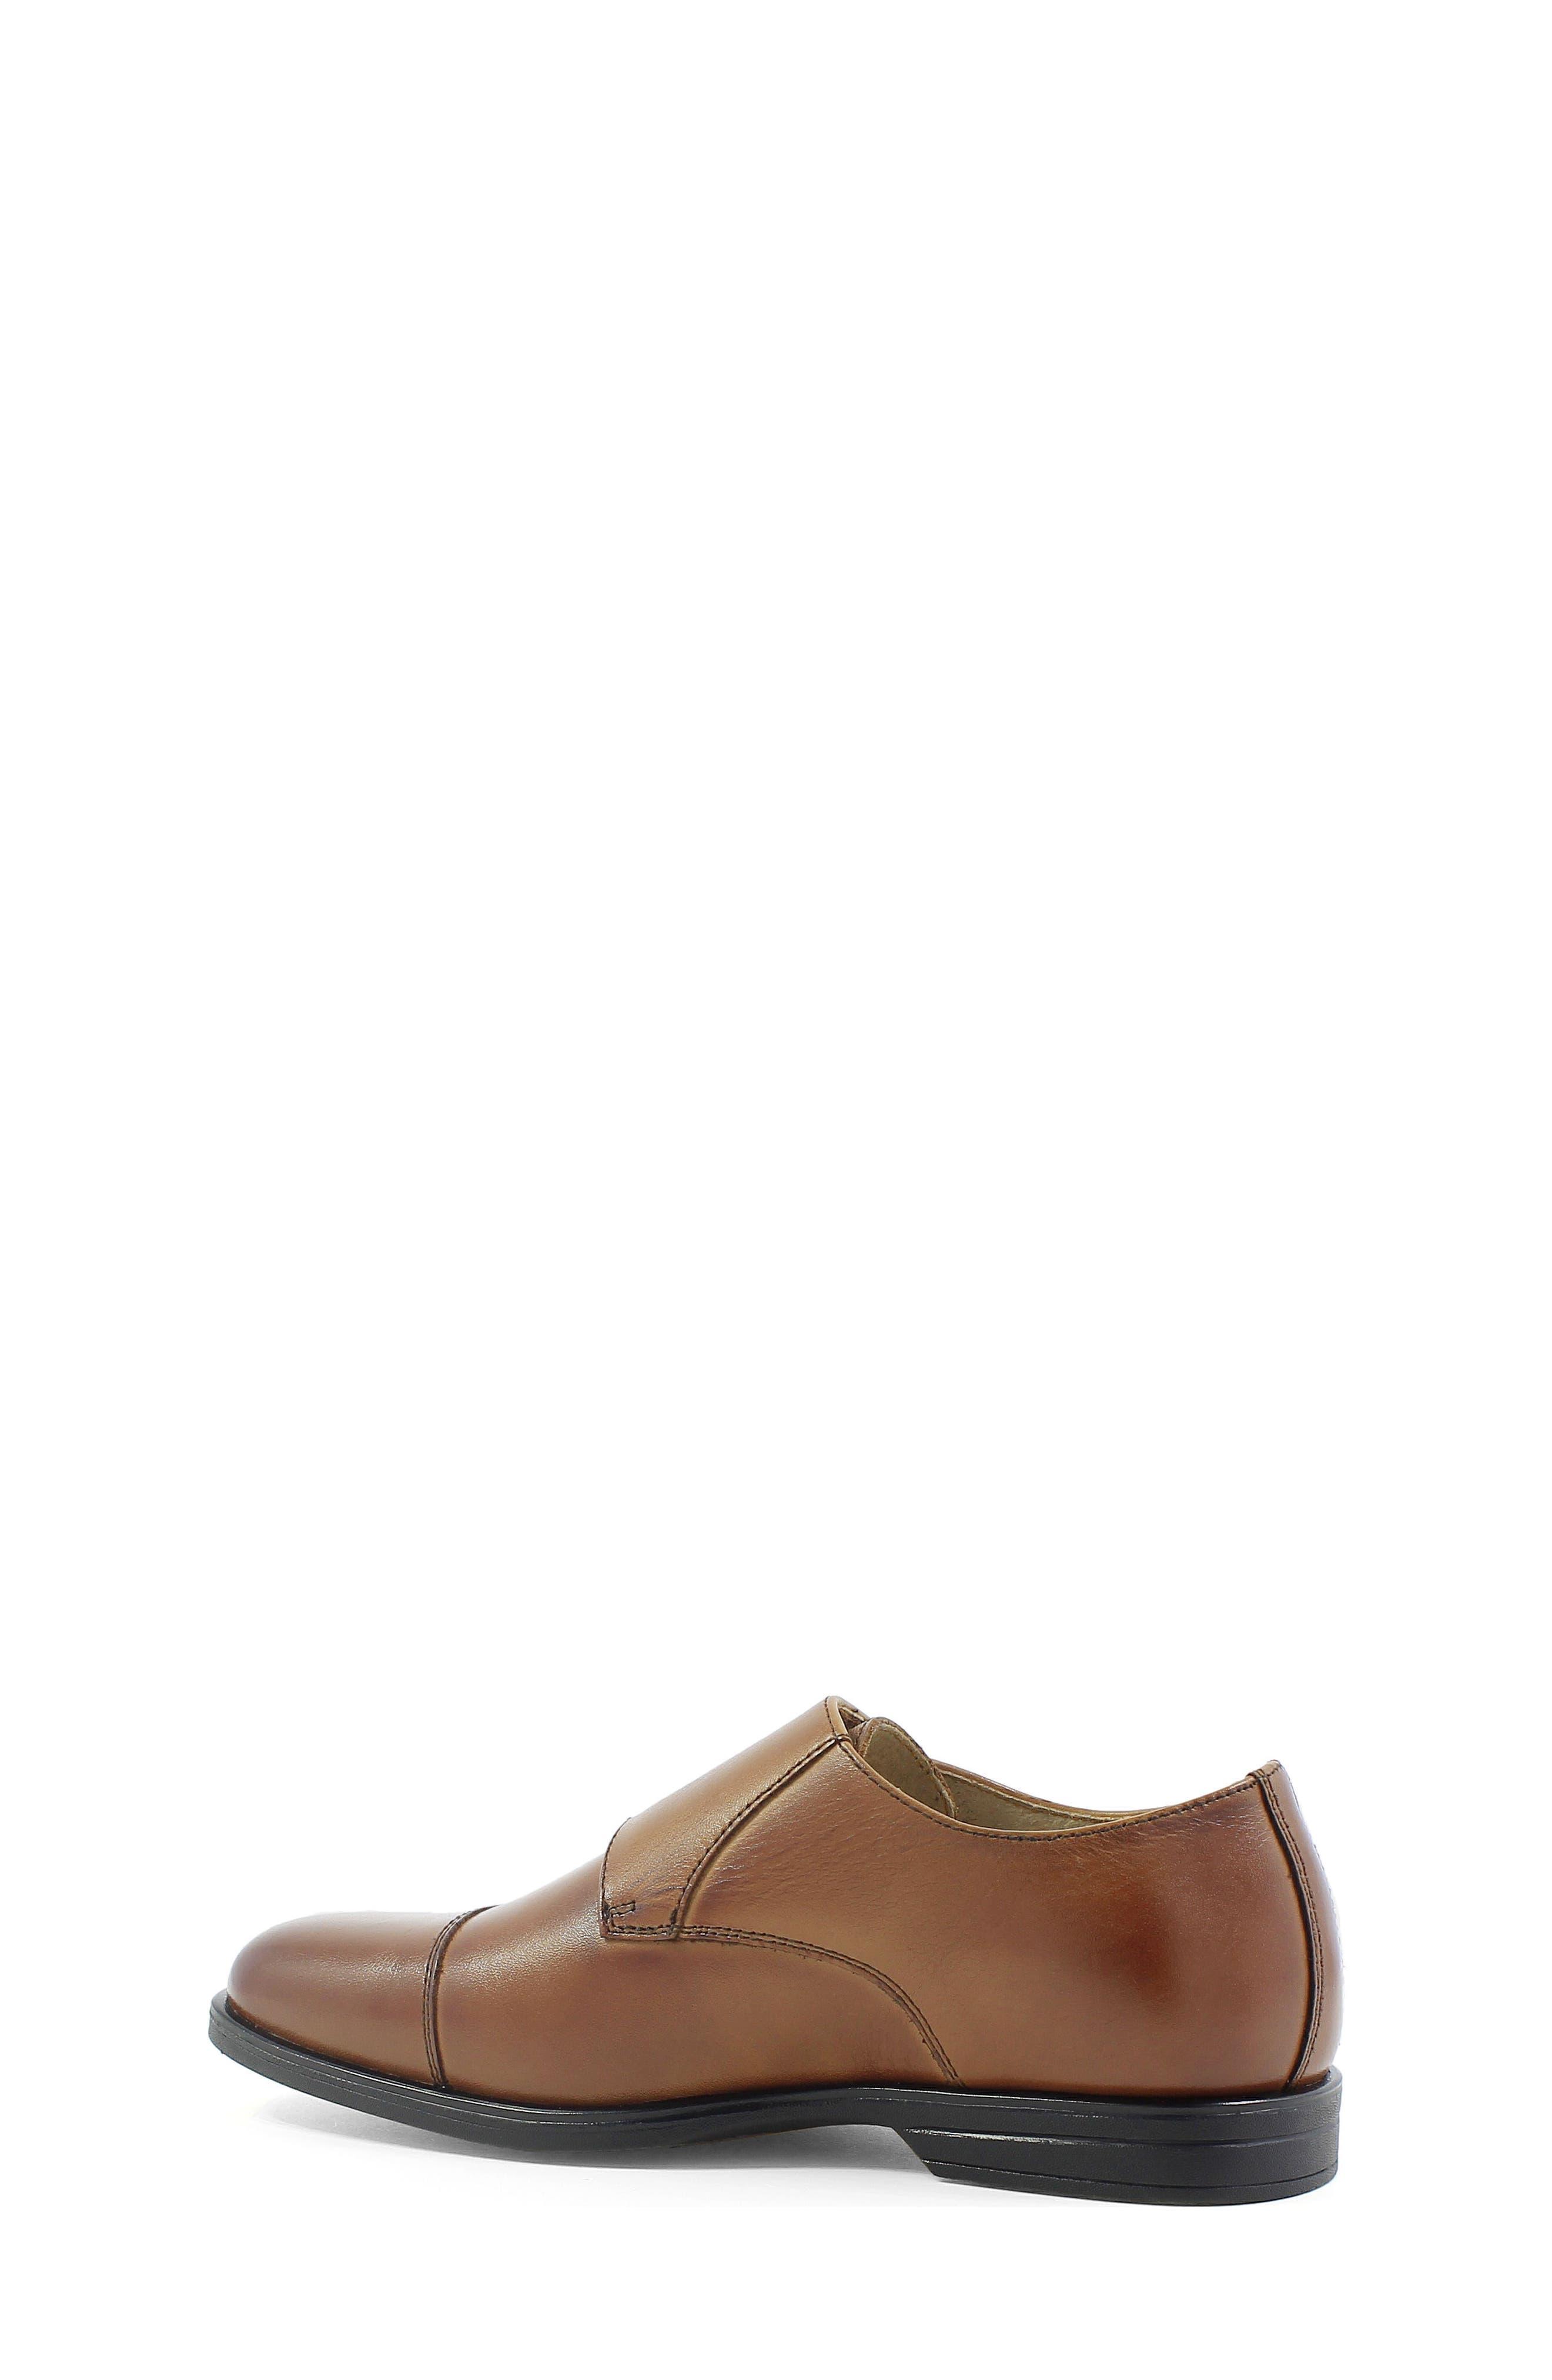 Reveal Double Monk Strap Shoe,                             Alternate thumbnail 2, color,                             COGNAC LEATHER